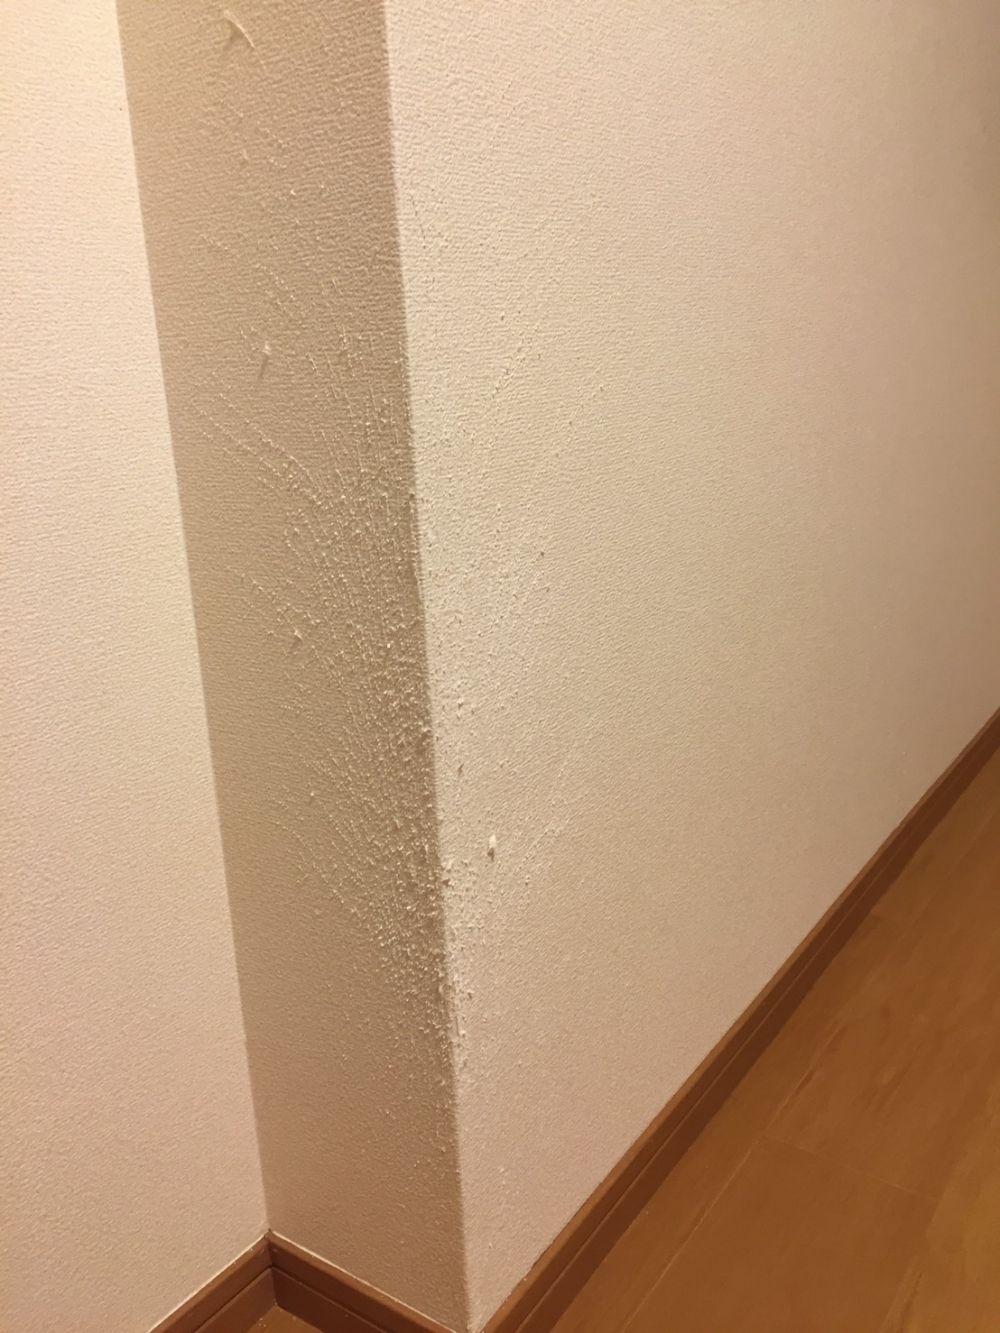 猫が爪とぎした壁紙修理をお願いします リフォームのことなら家仲間コム